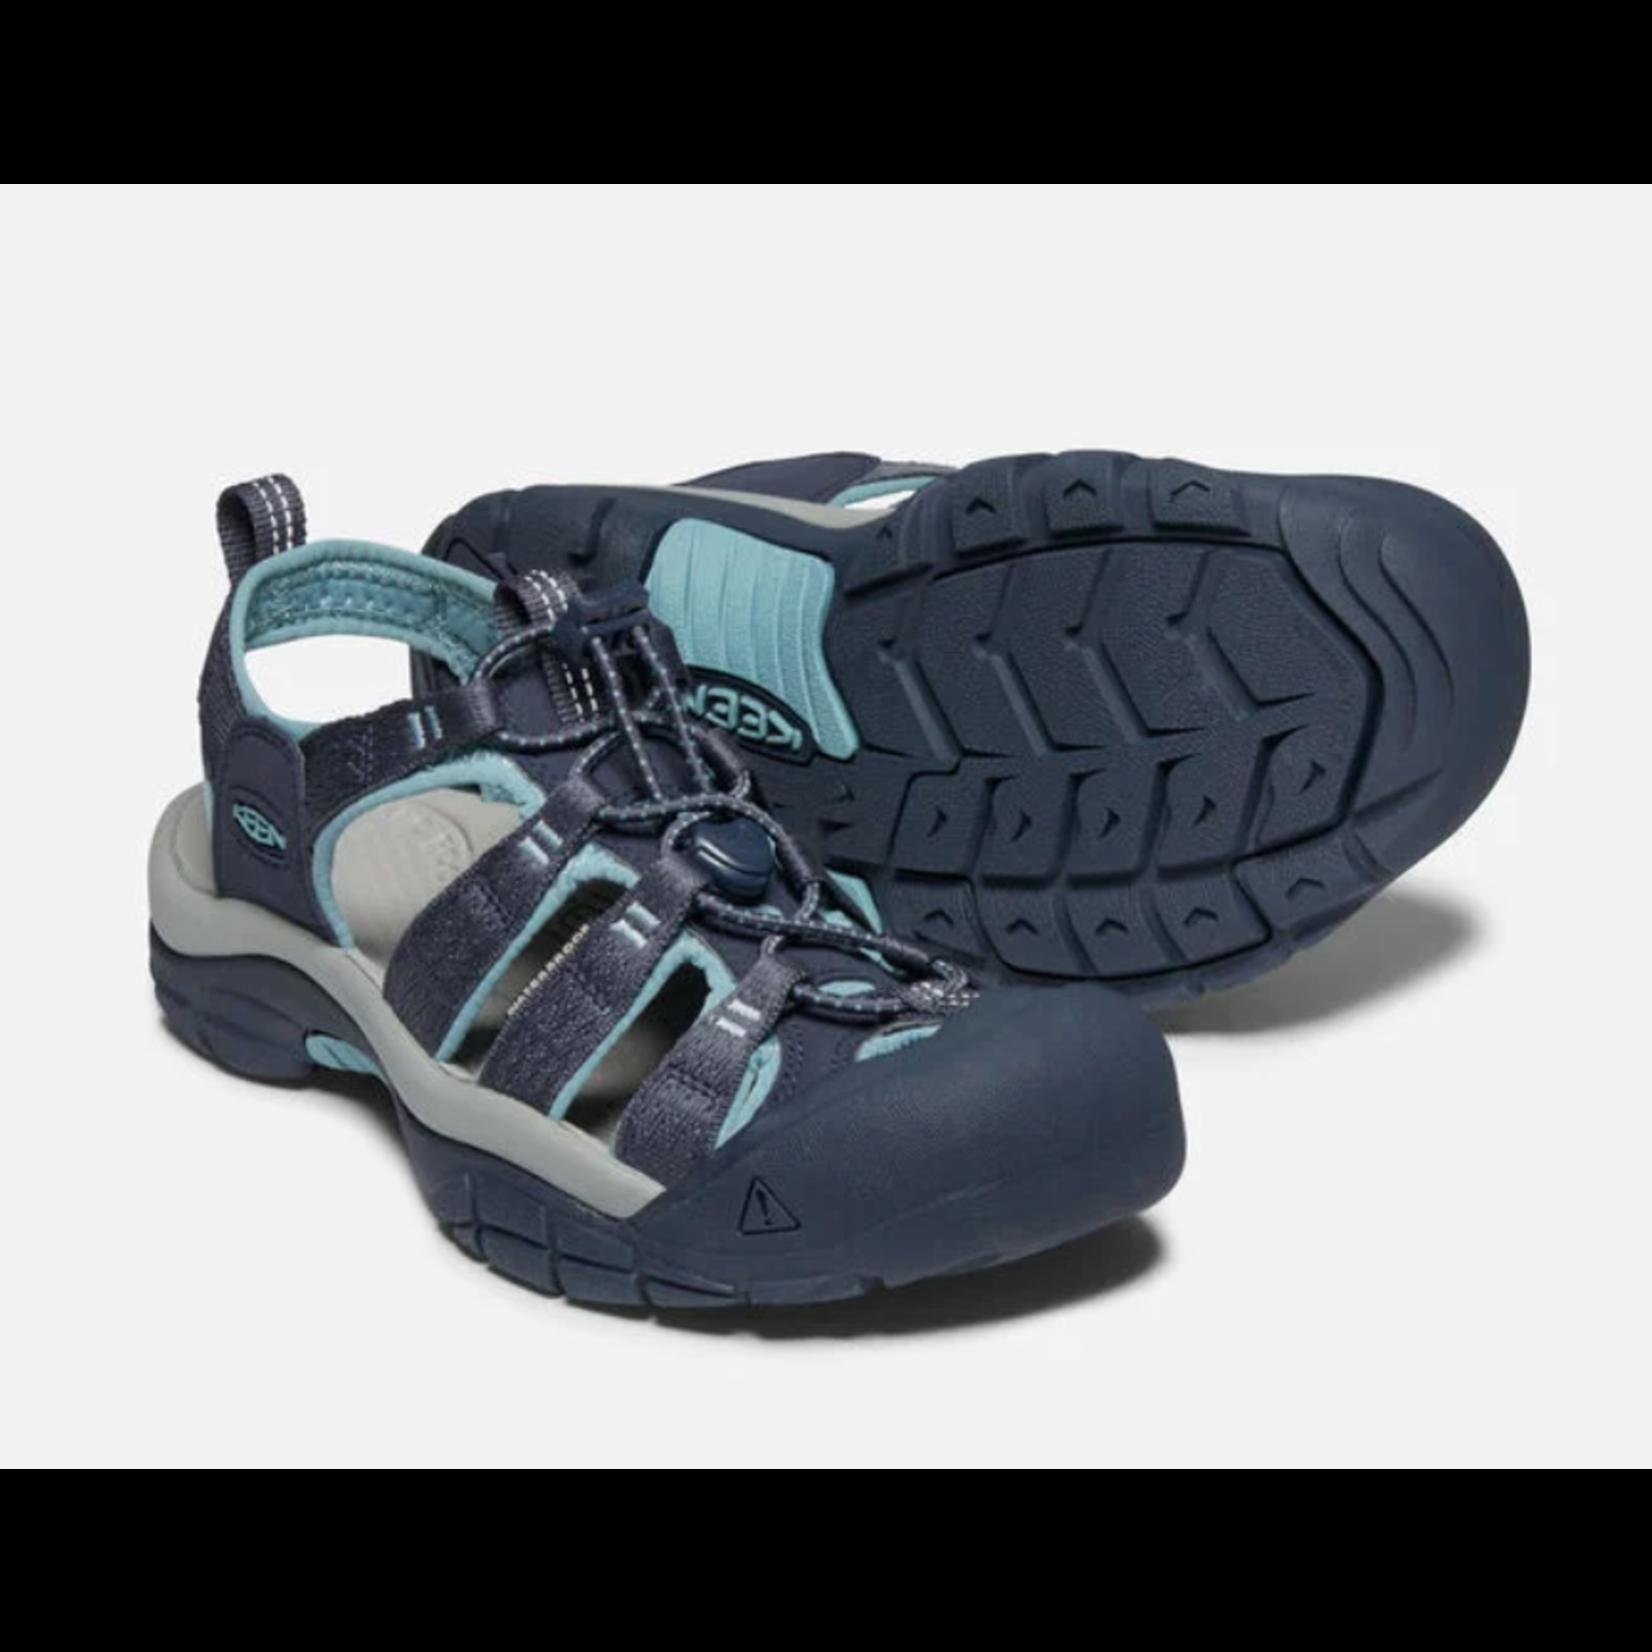 Keen Keen Women's Newport H2 Sandals - 1022800